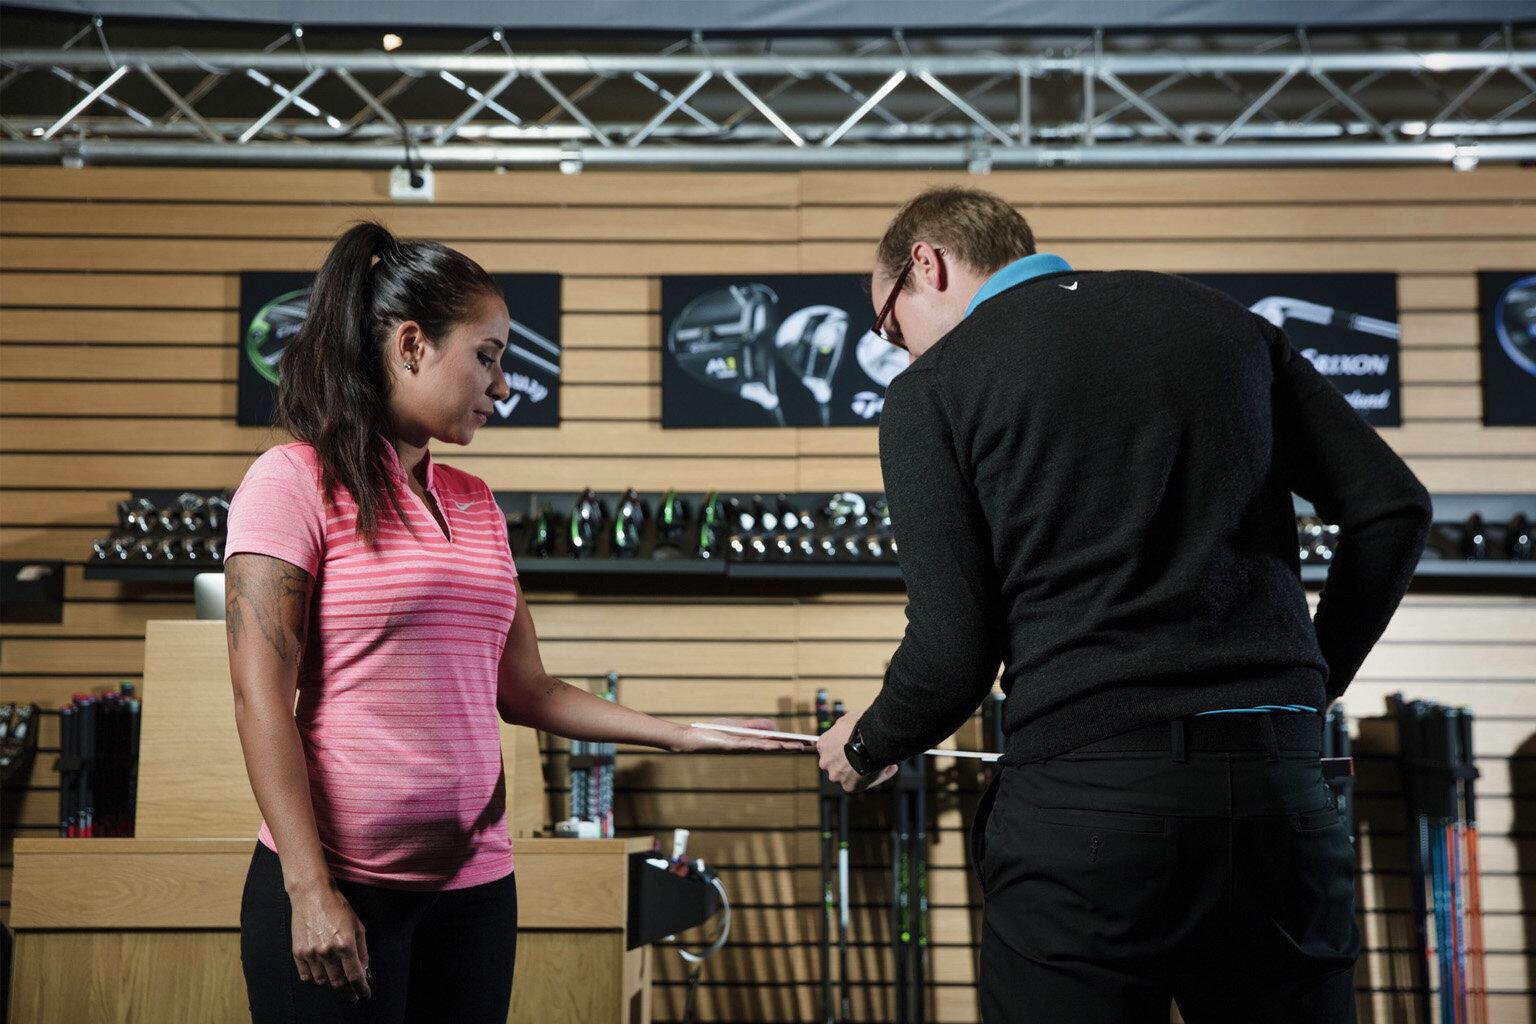 golfgrepp-dormy-testcenter.jpg